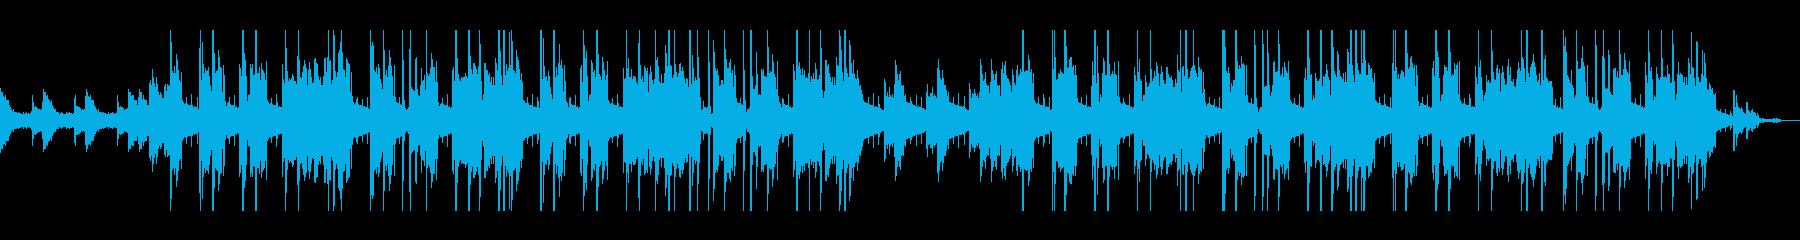 切ない・クールなピアノヒップホップの再生済みの波形